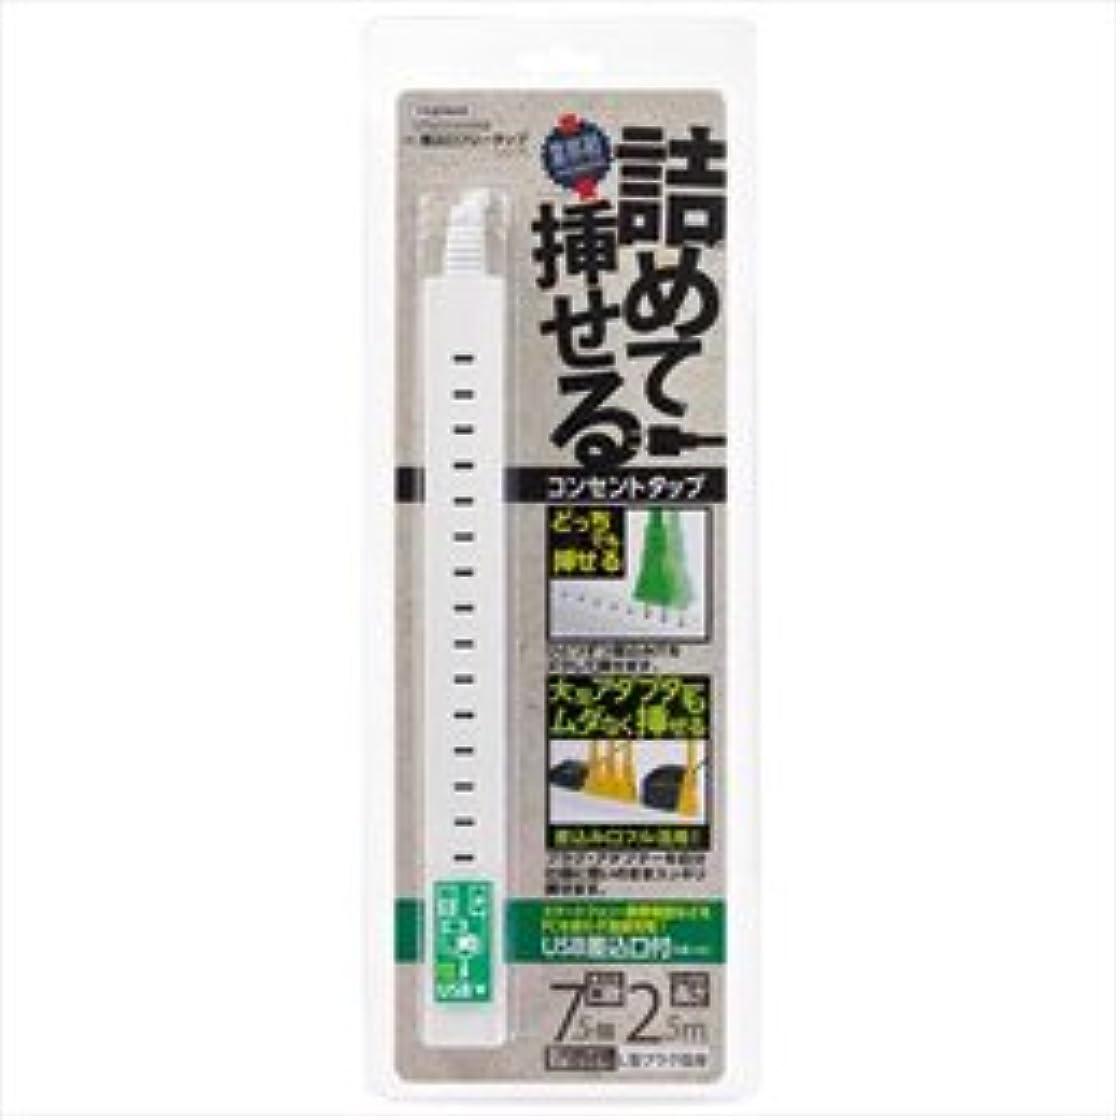 イル池飢え【まとめ 2セット】 YAZAWA 差し込みフリータップ USB付 ホワイト 2.5m H75025WHUSB